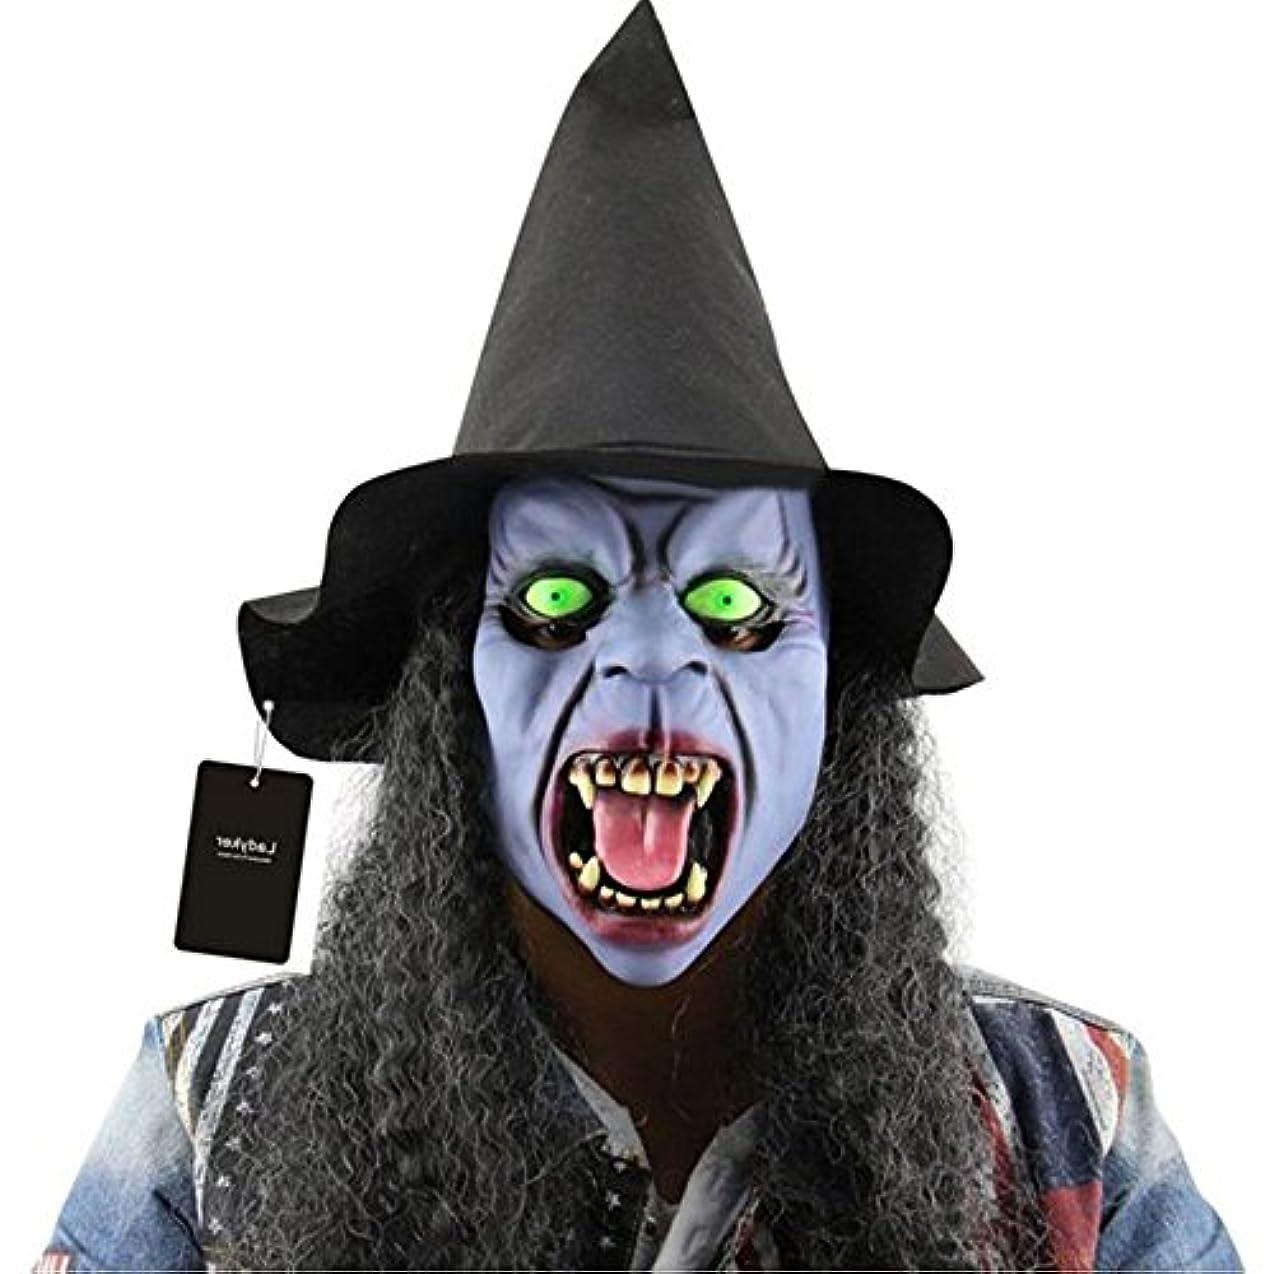 追加報復する隠Auntwhale ハロウィーンマスク大人恐怖コスチューム、ホラー夜の魔女ファンシーマスカレードパーティハロウィンマスク、フェスティバル通気性ギフトヘッドマスク